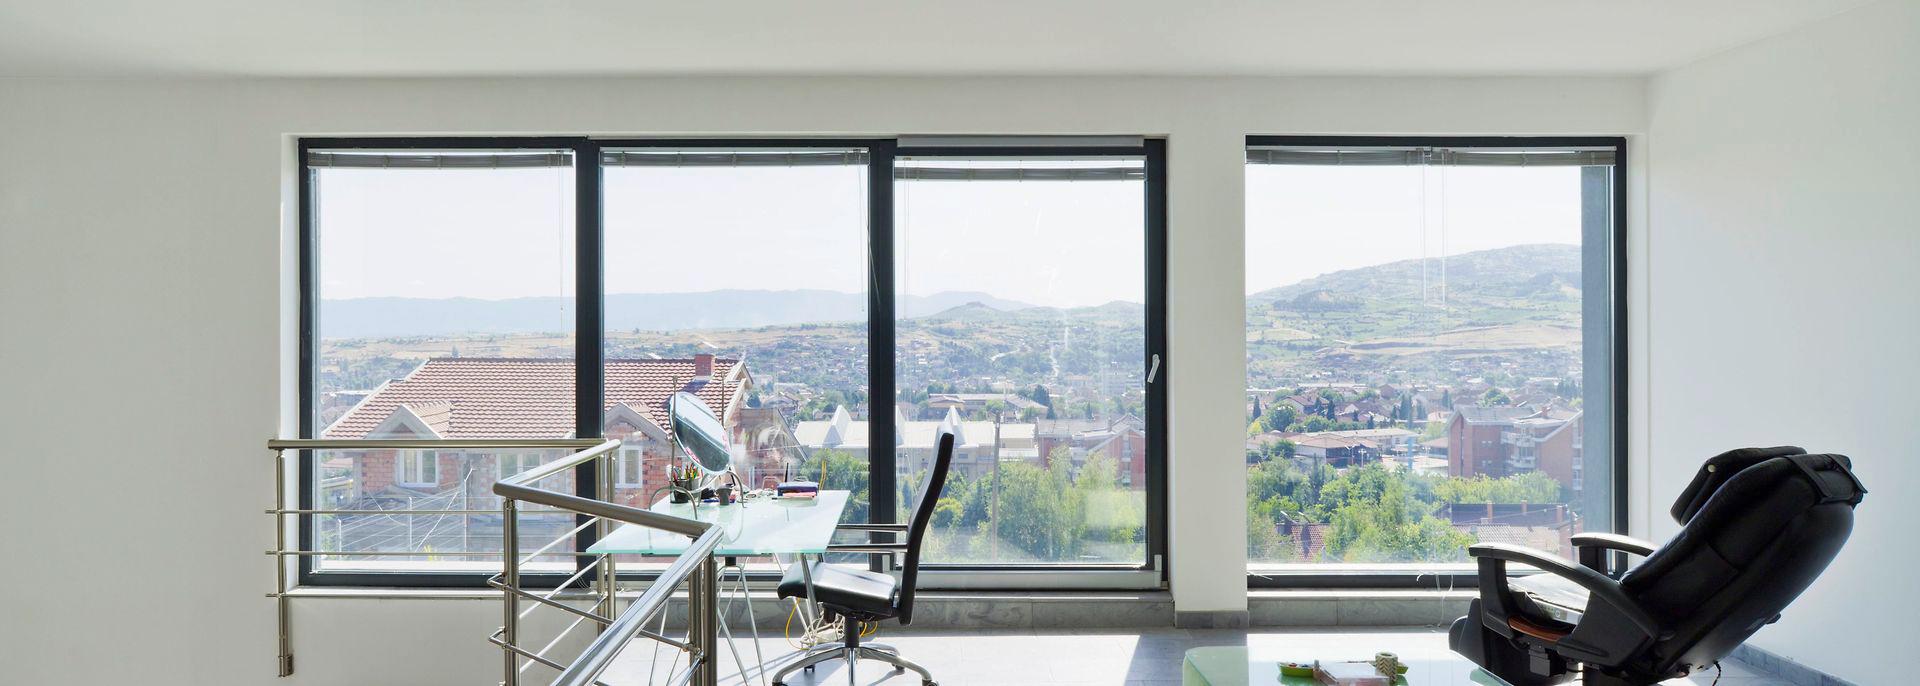 окна-пвх для интерьера